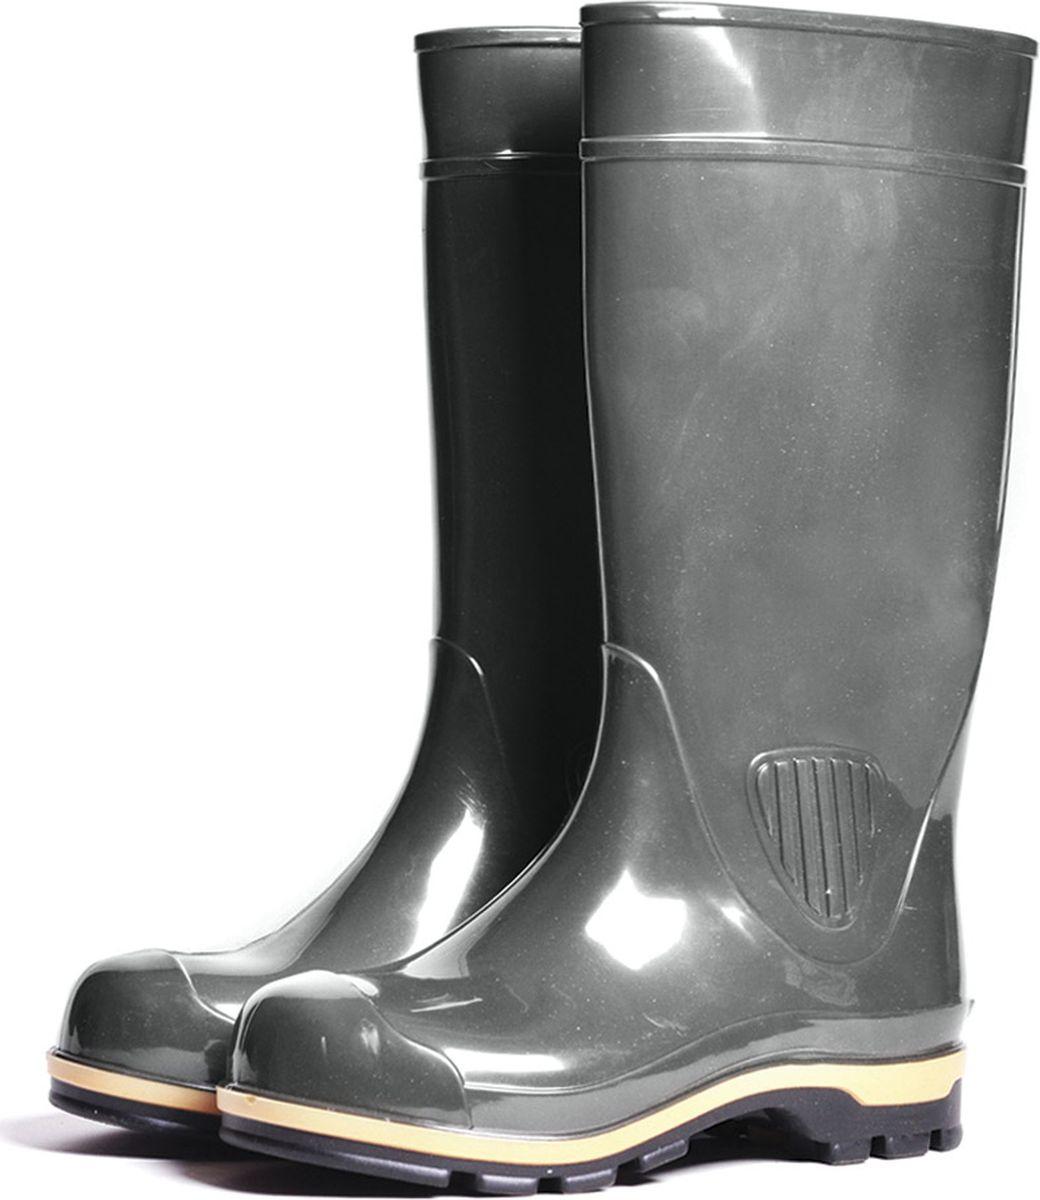 Сапоги мужские Nordman, цвет: оливковый. ps_15_1-081-41. Размер 41ps_15_1-081-41На базе данной модели мужских сапог Nordman выпускается ряд моделей рыбацких сапог и полукомбинезонов, а также несколько моделей с защитными усиливающими элементами для эксплуатации рабочими. Допускается использование в качестве рабочей обуви, обуви для сада, огорода.Основные характеристики:Способ литья: трехкомпонентное.Средняя высота голенища: 38 см.Средний вес пары: 2,2 кг.Утеплитель: вкладыш из нетканого полотна.